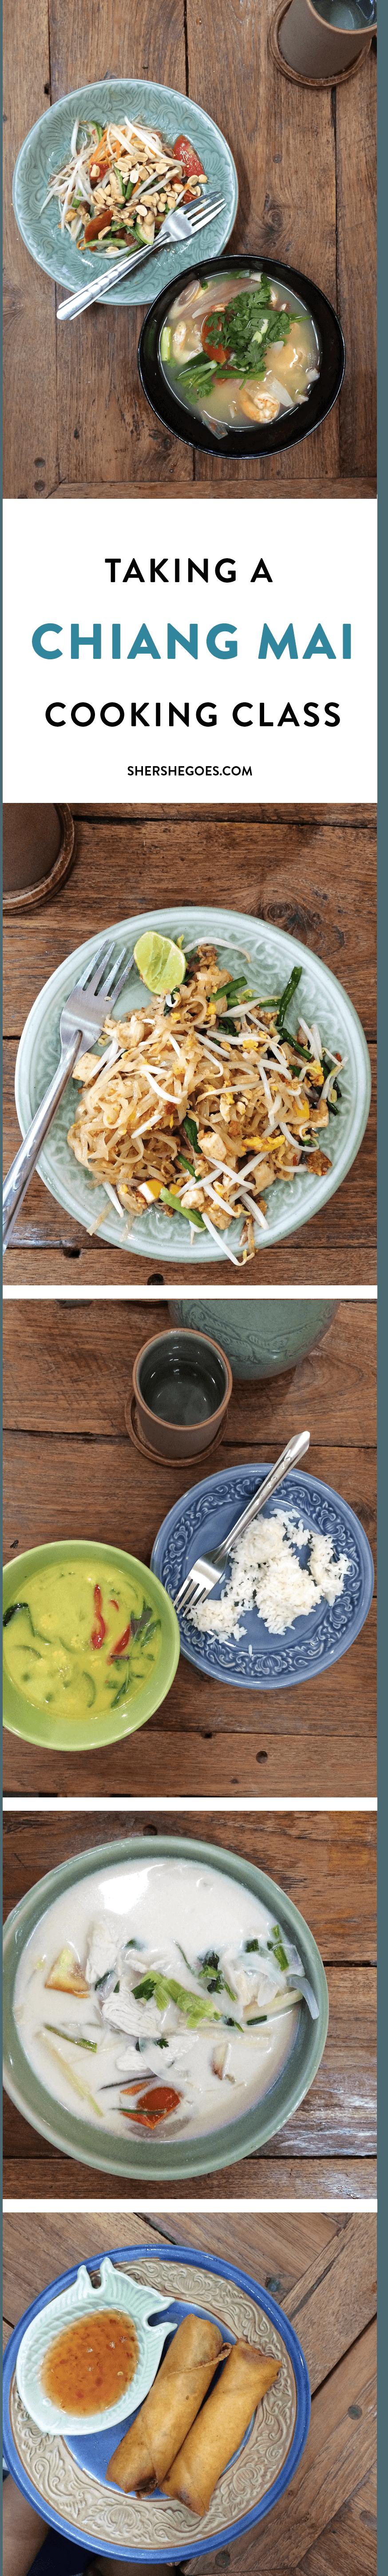 Chiang Mai Cooking Class Review shershegoes.com